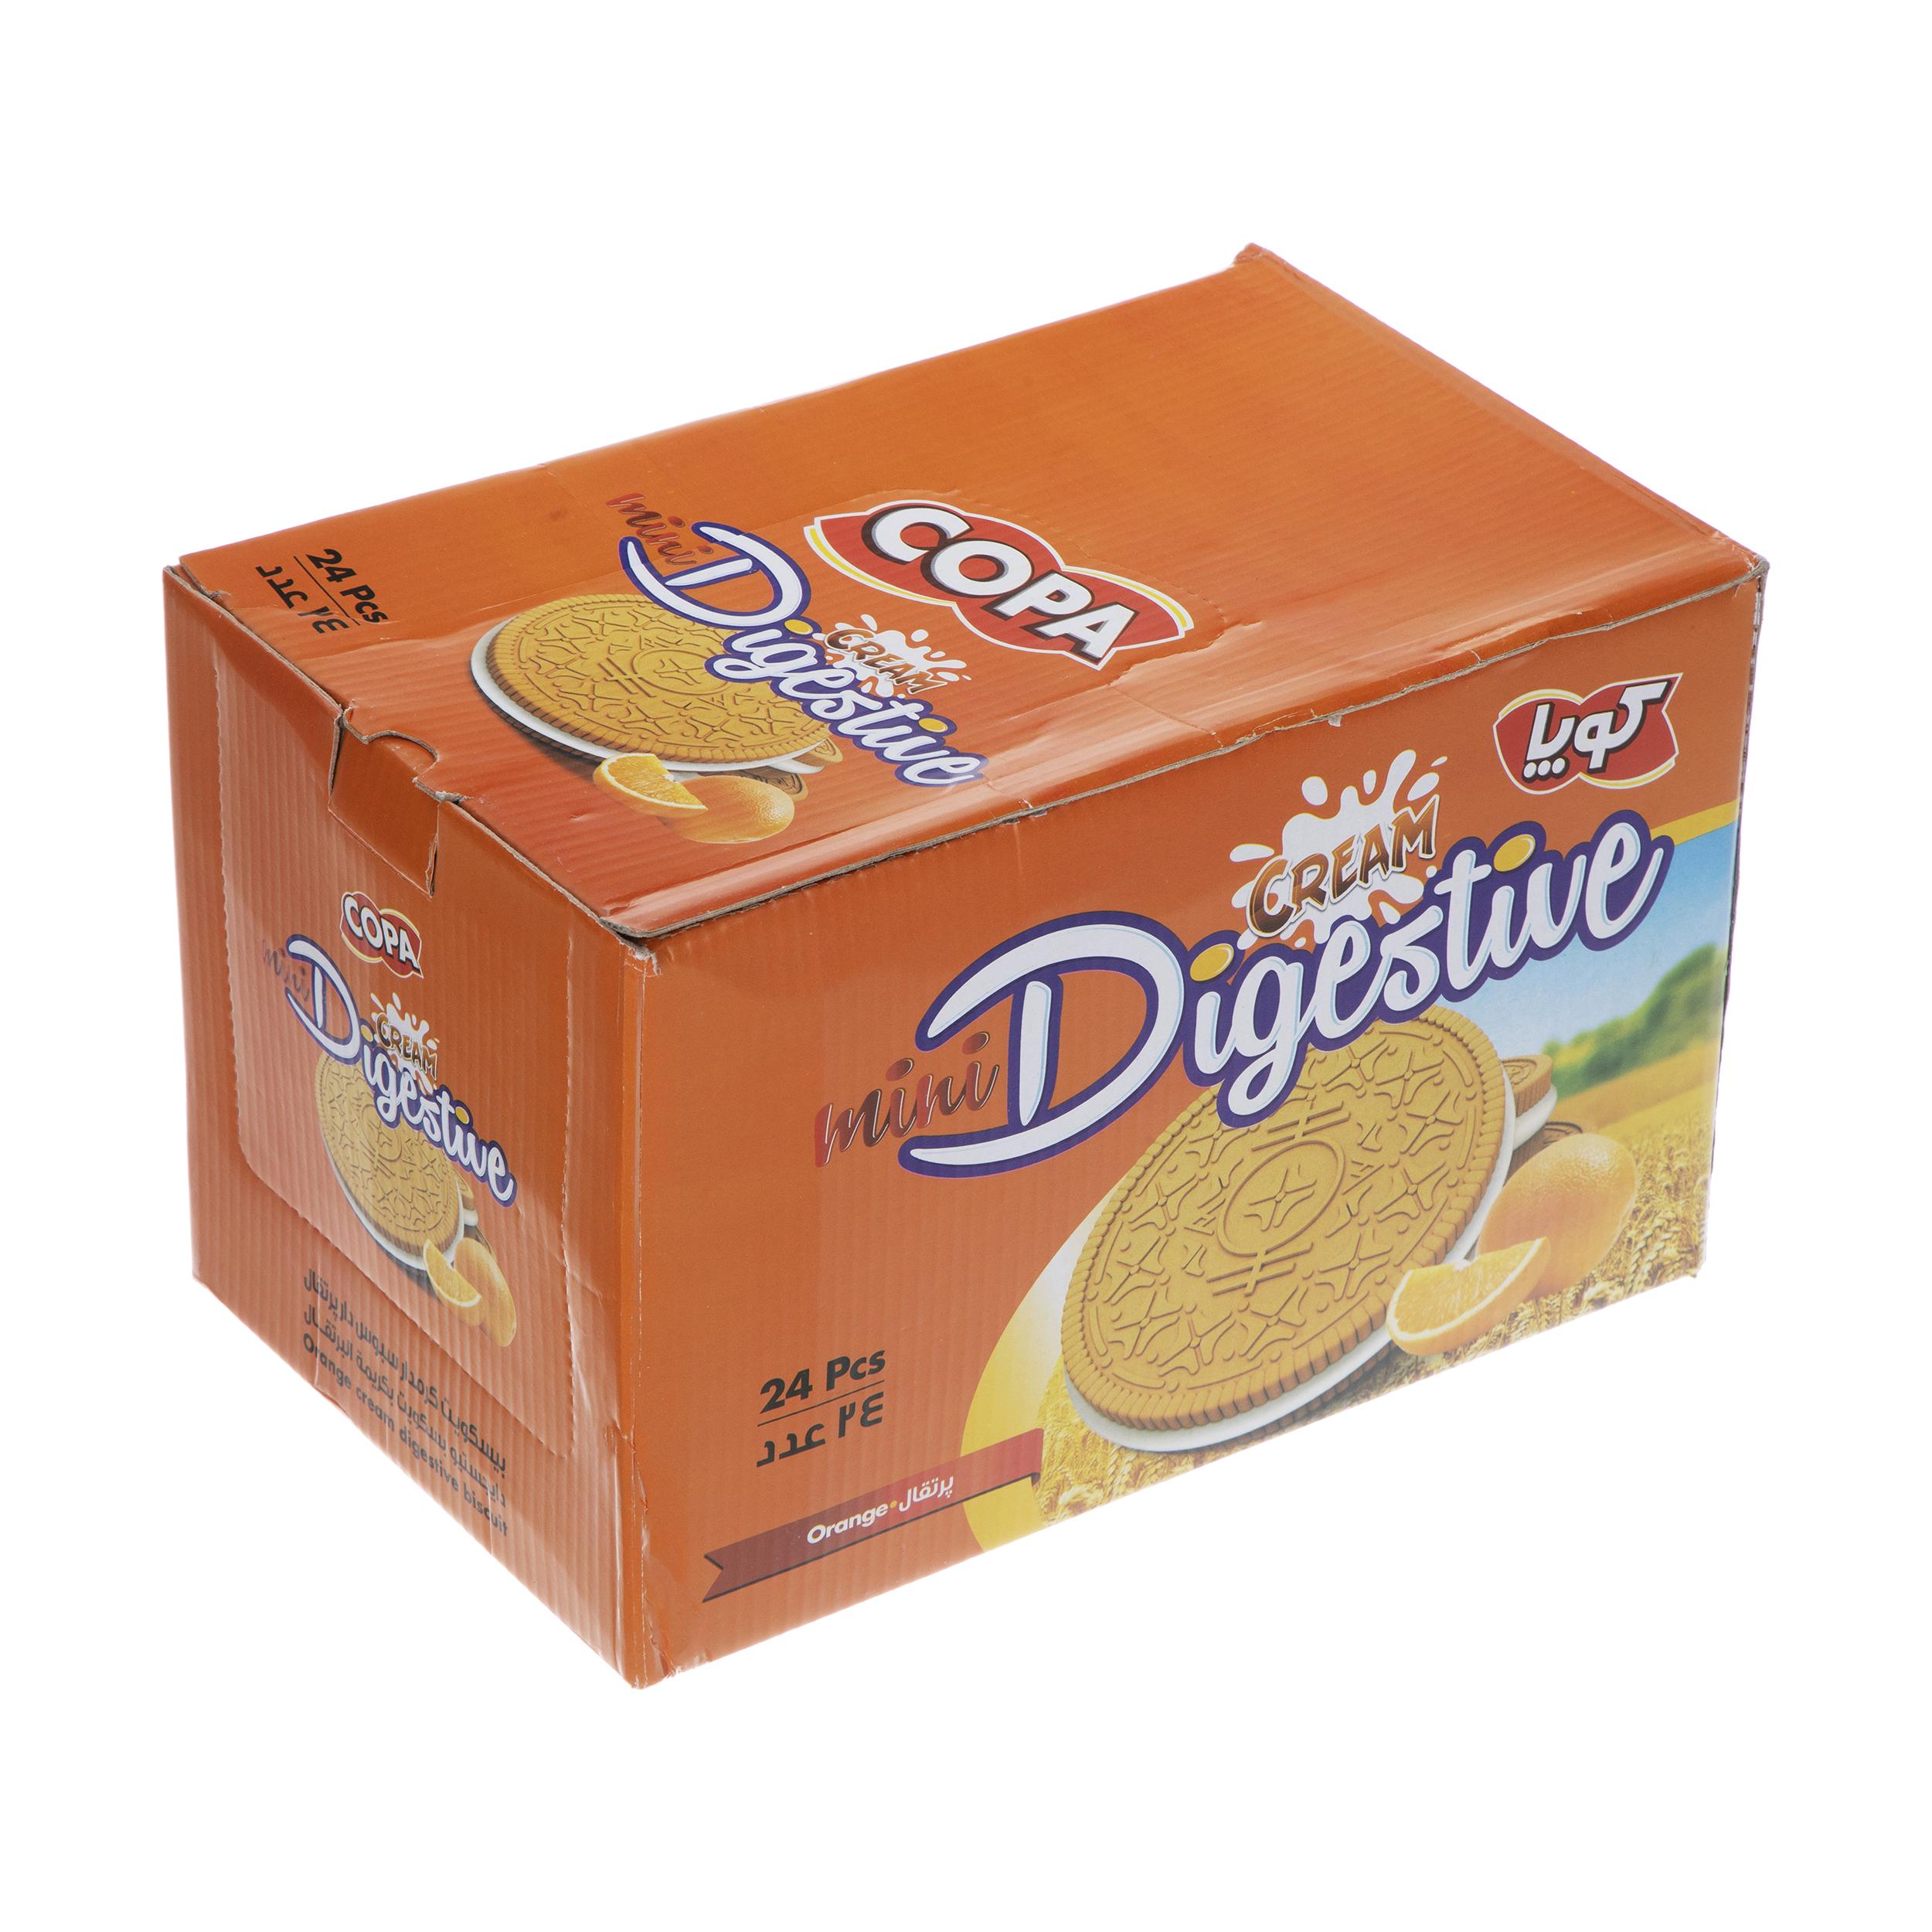 بیسکویت کرمدار دایجستیو کوپا با طعم پرتقال - بسته 24 عددی